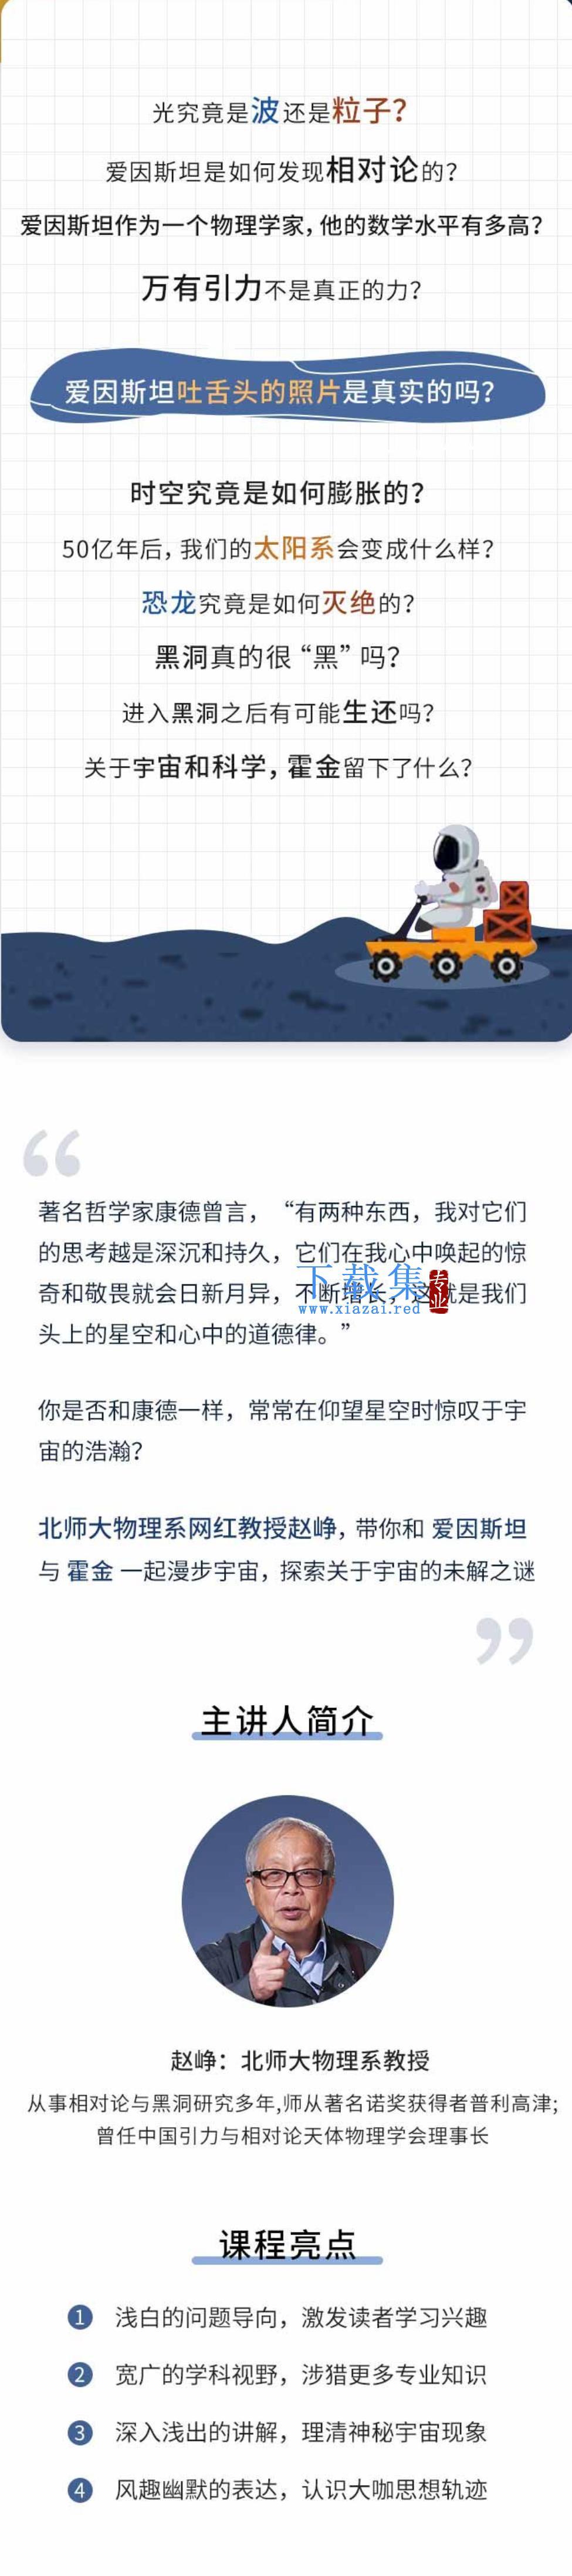 北师大物理系赵峥教授的宇宙学16讲